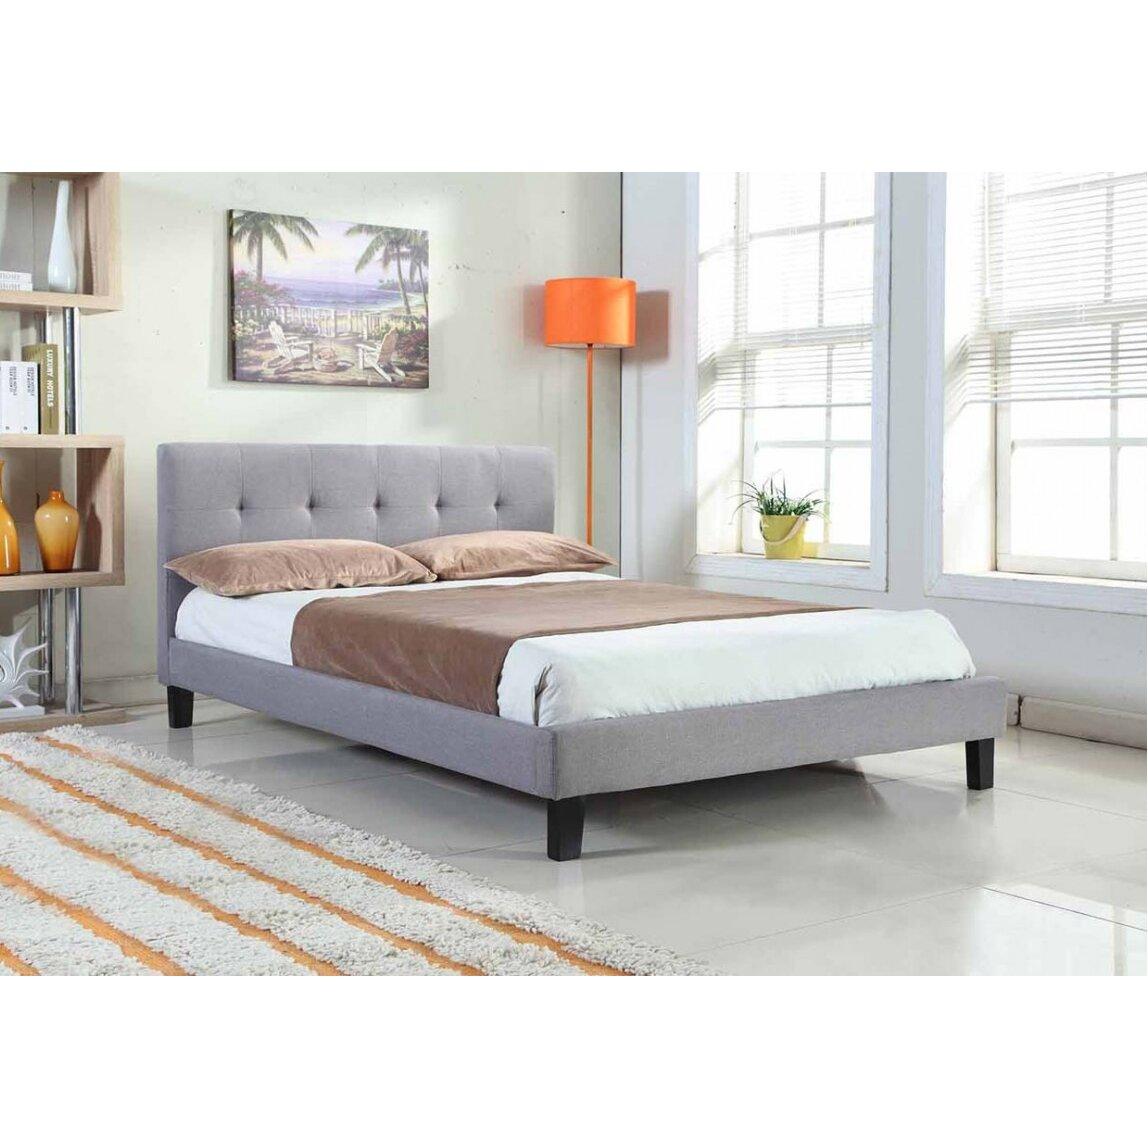 home loft concept barrosa upholstered bed frame reviews. Black Bedroom Furniture Sets. Home Design Ideas